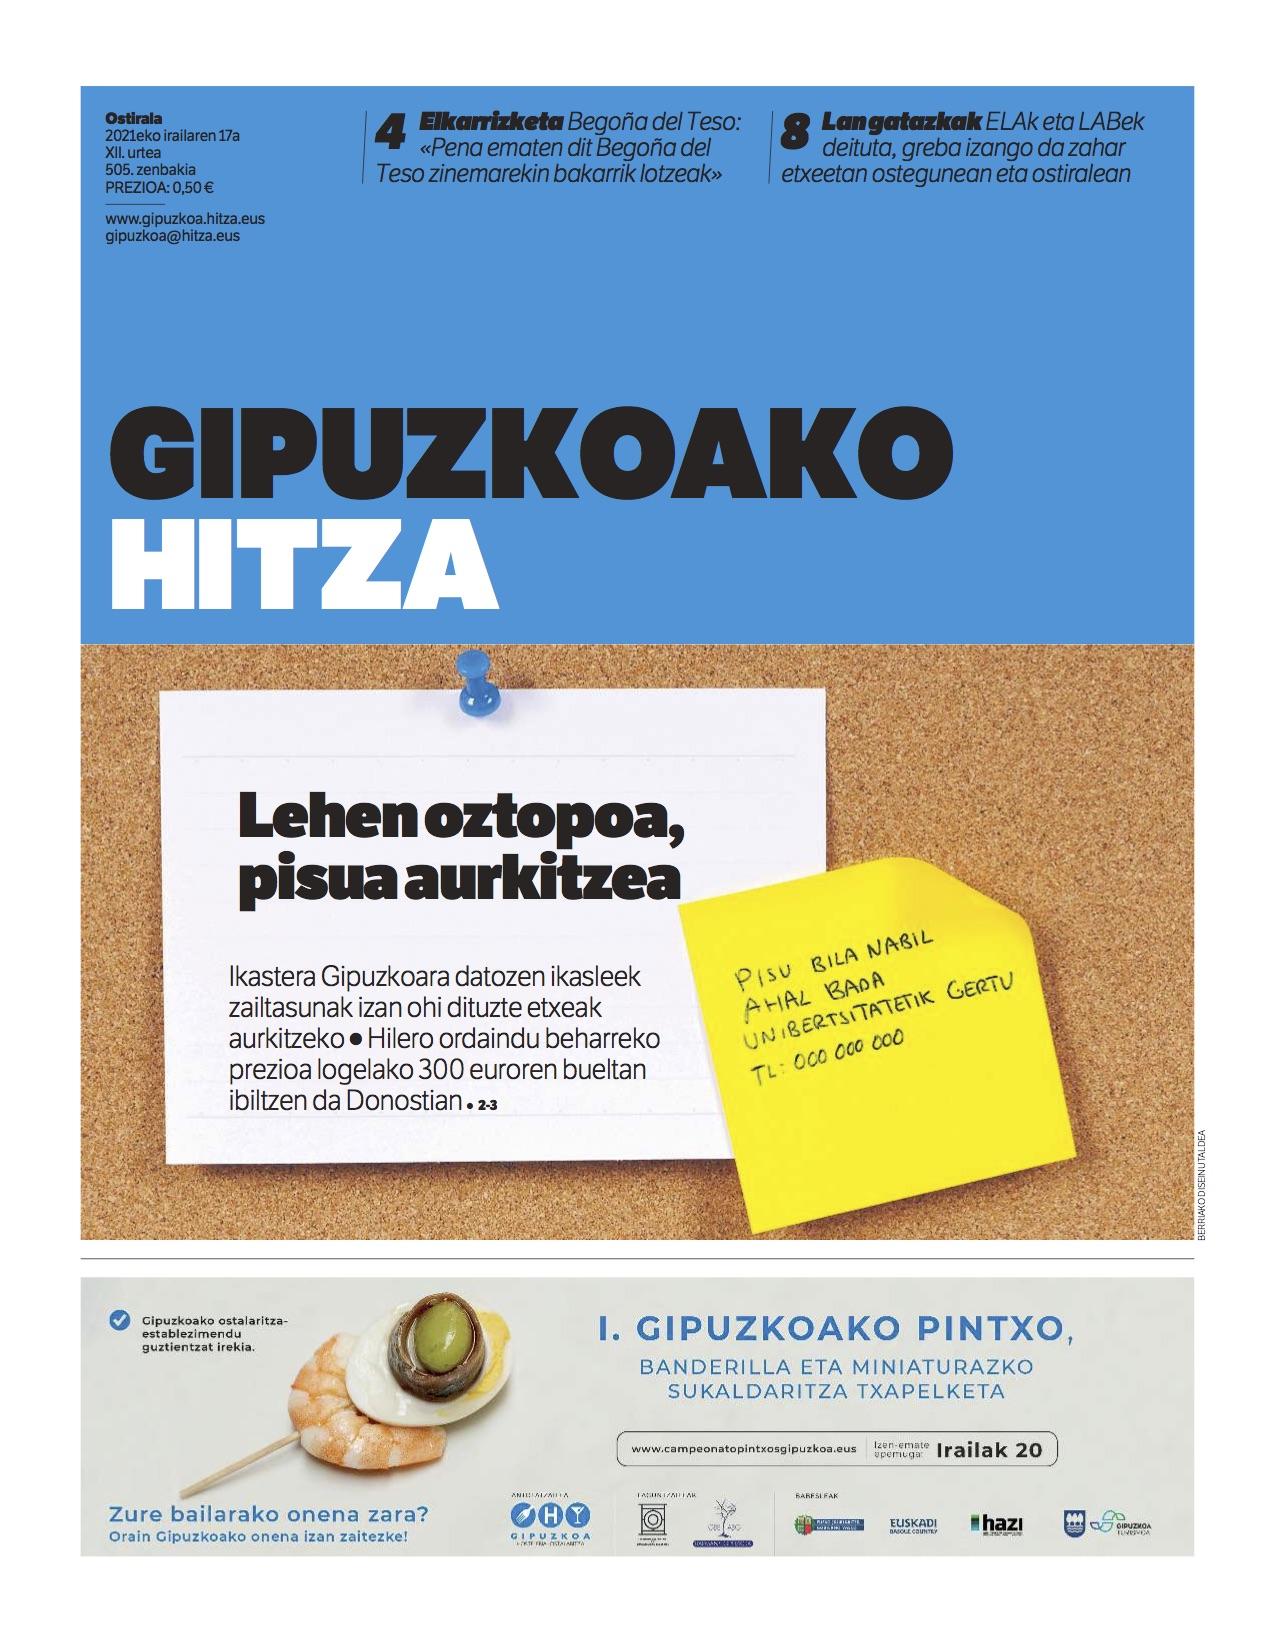 2021-09-17_GIPUZKOA_HITZA_0927e6446470796a